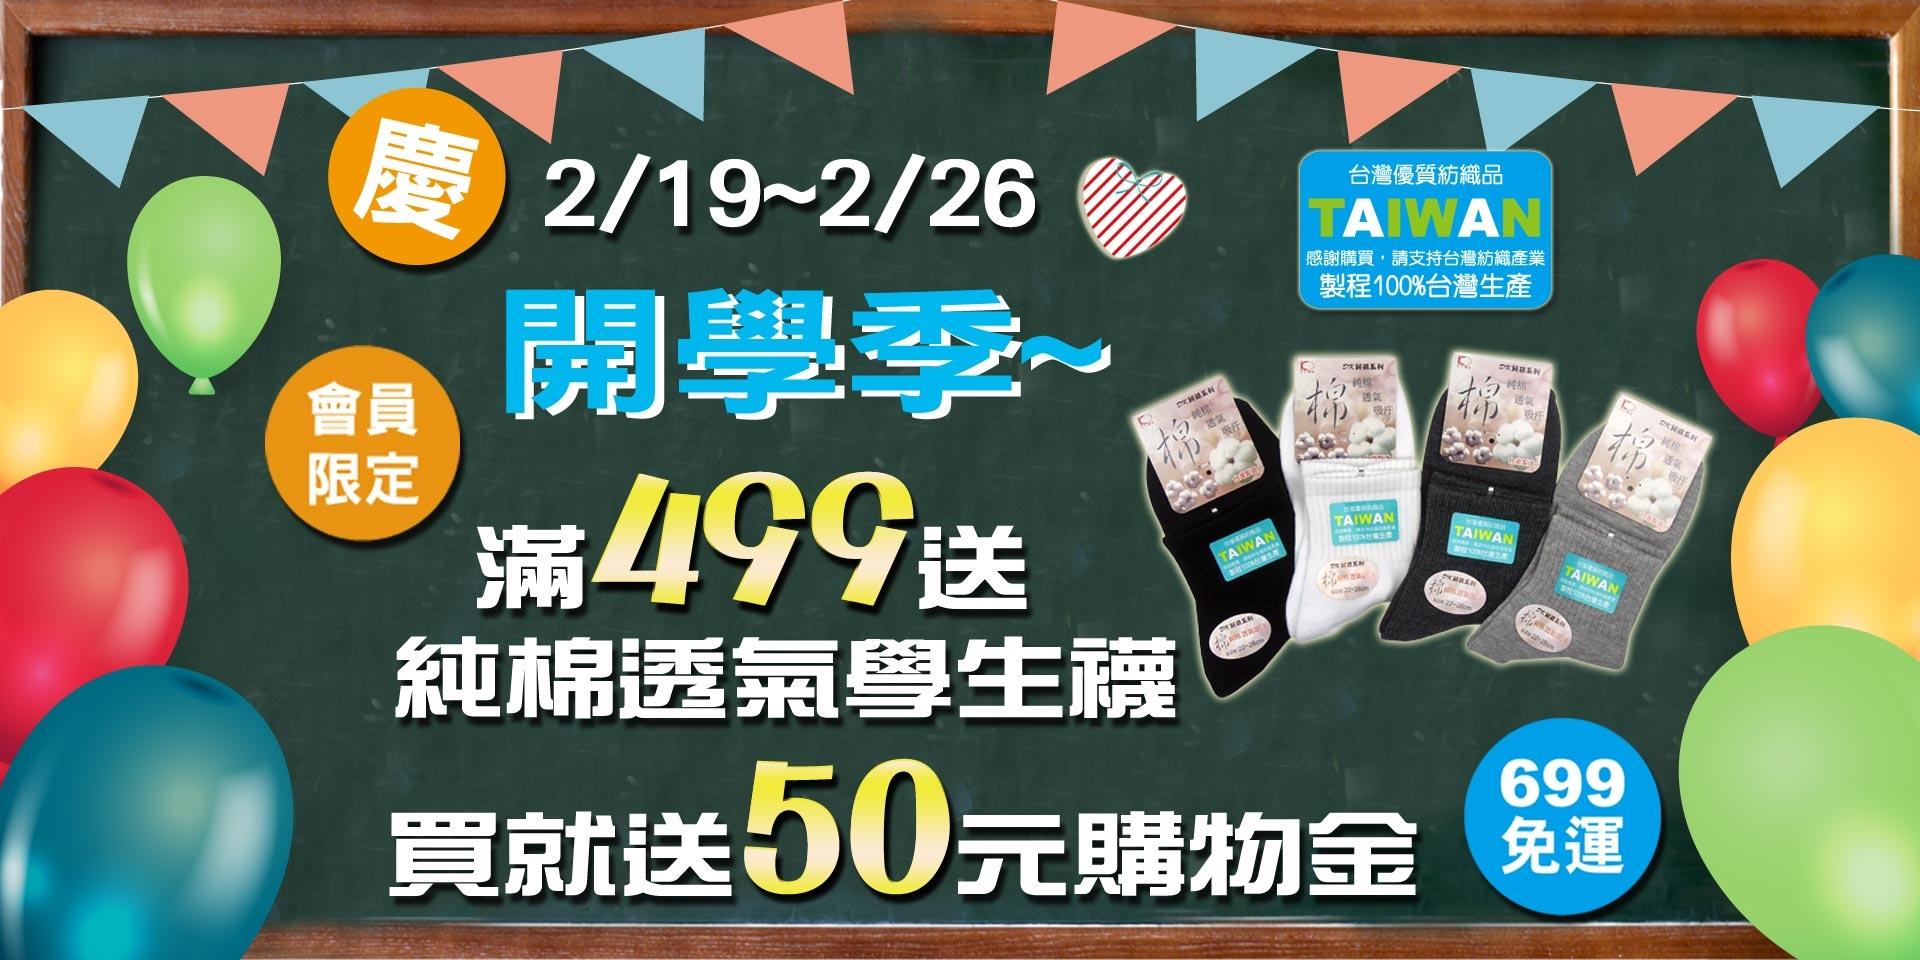 慶開學季~會員滿499送DK純棉透氣學生襪、滿699免運,凡購物就送50元購物金!!